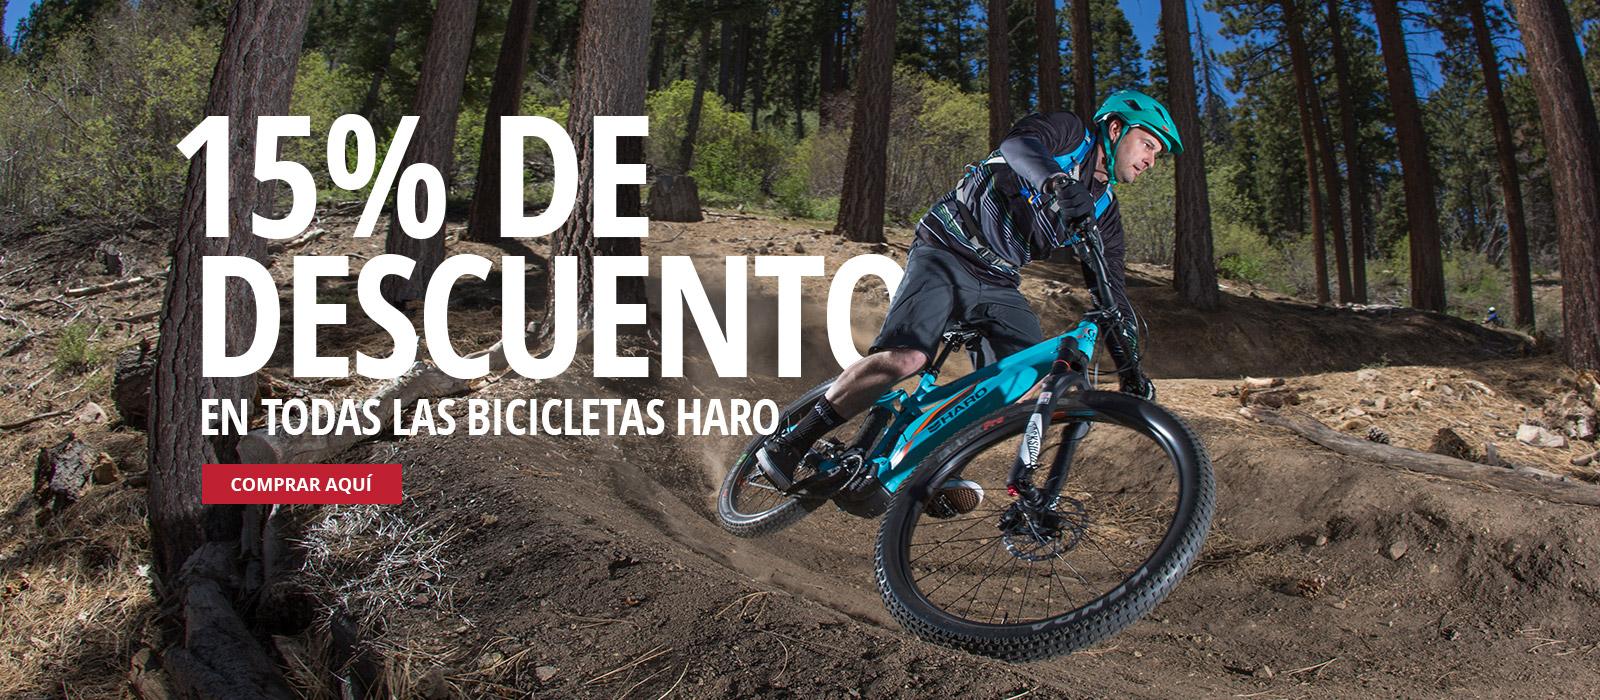 Perubikeshop - Haro Bikes MTB Descuento del 15%